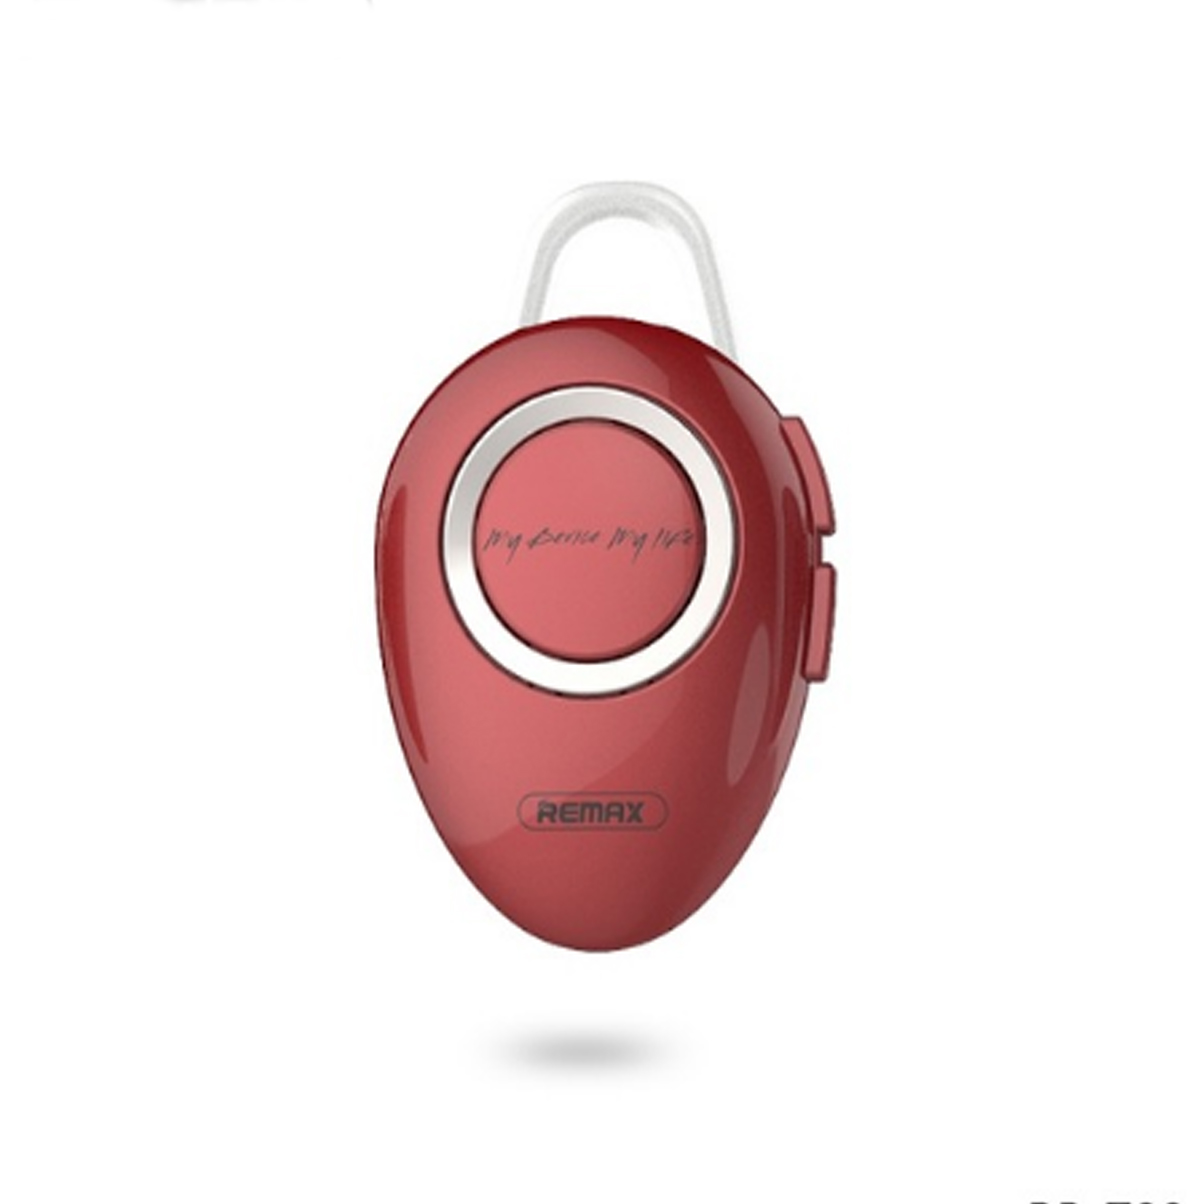 Combo Tai Nghe Bluetooth Mini V4.2 Nhét Tai Remax RB-T22 Hạt Đậu + Tặng Gía Đỡ Điện Thoại Mini - Chính Hãng - 15825951 , 4739597867906 , 62_21051507 , 699000 , Combo-Tai-Nghe-Bluetooth-Mini-V4.2-Nhet-Tai-Remax-RB-T22-Hat-Dau-Tang-Gia-Do-Dien-Thoai-Mini-Chinh-Hang-62_21051507 , tiki.vn , Combo Tai Nghe Bluetooth Mini V4.2 Nhét Tai Remax RB-T22 Hạt Đậu + Tặng